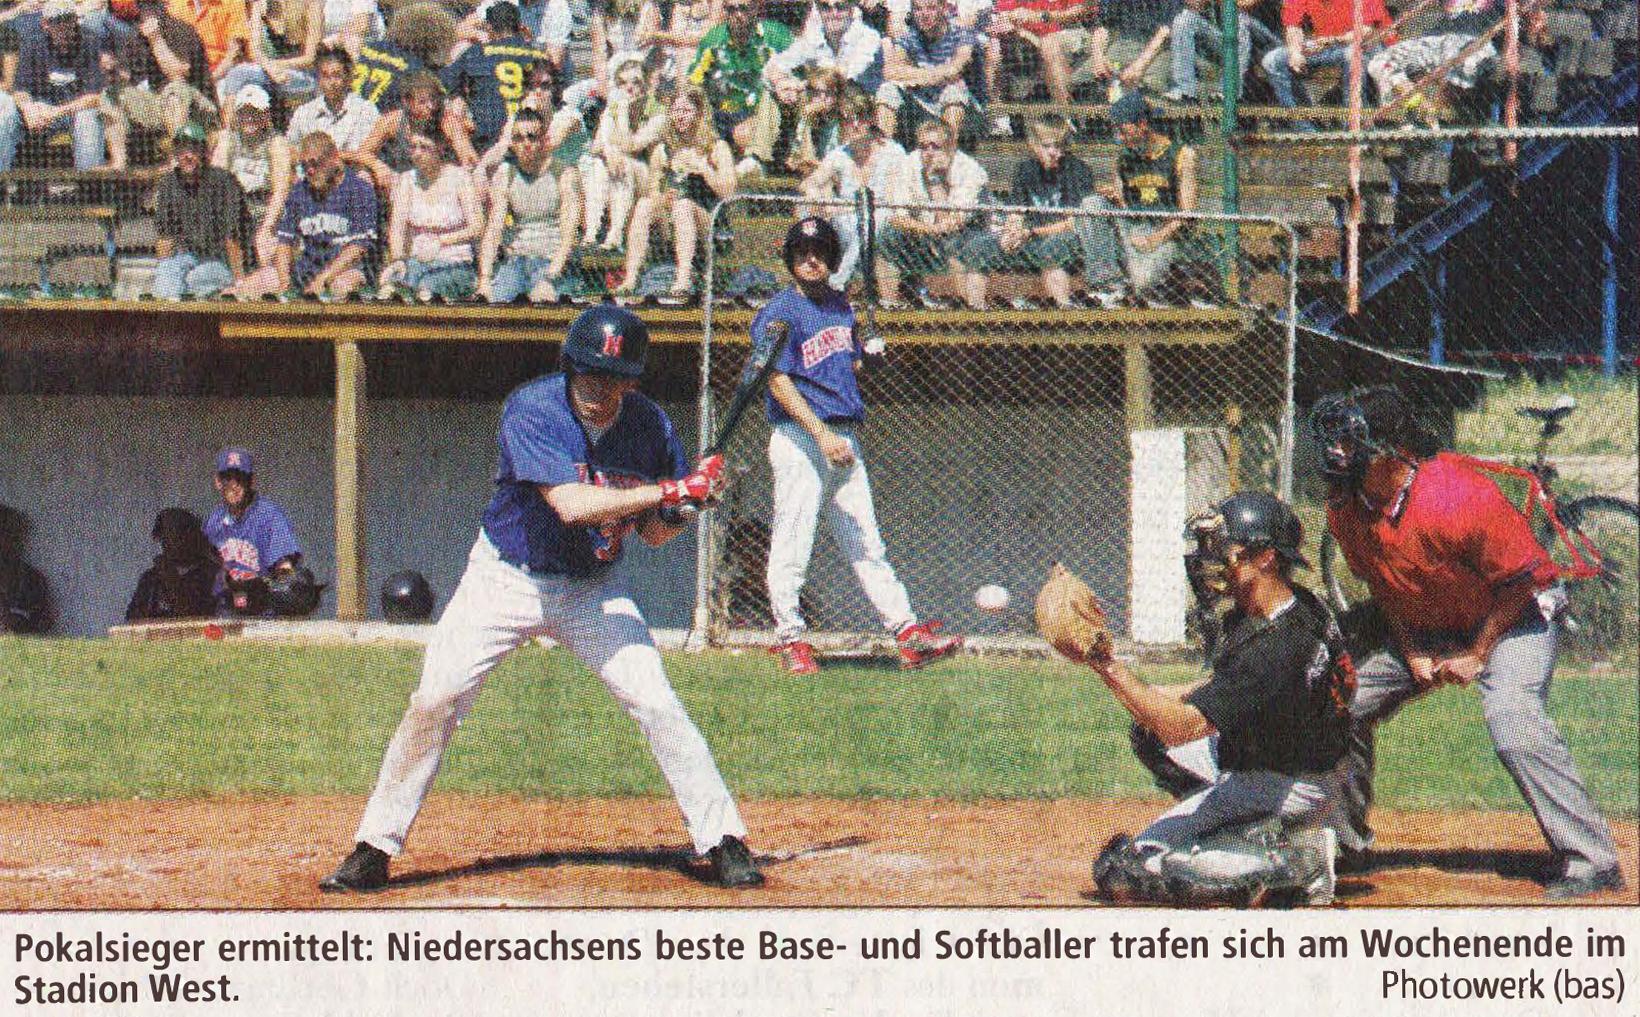 Pokalsieger ermittelt: Niedersachsens beste Base- und Softballer trafen sich am Wochenende im Stadion West. Photowerk (bas)